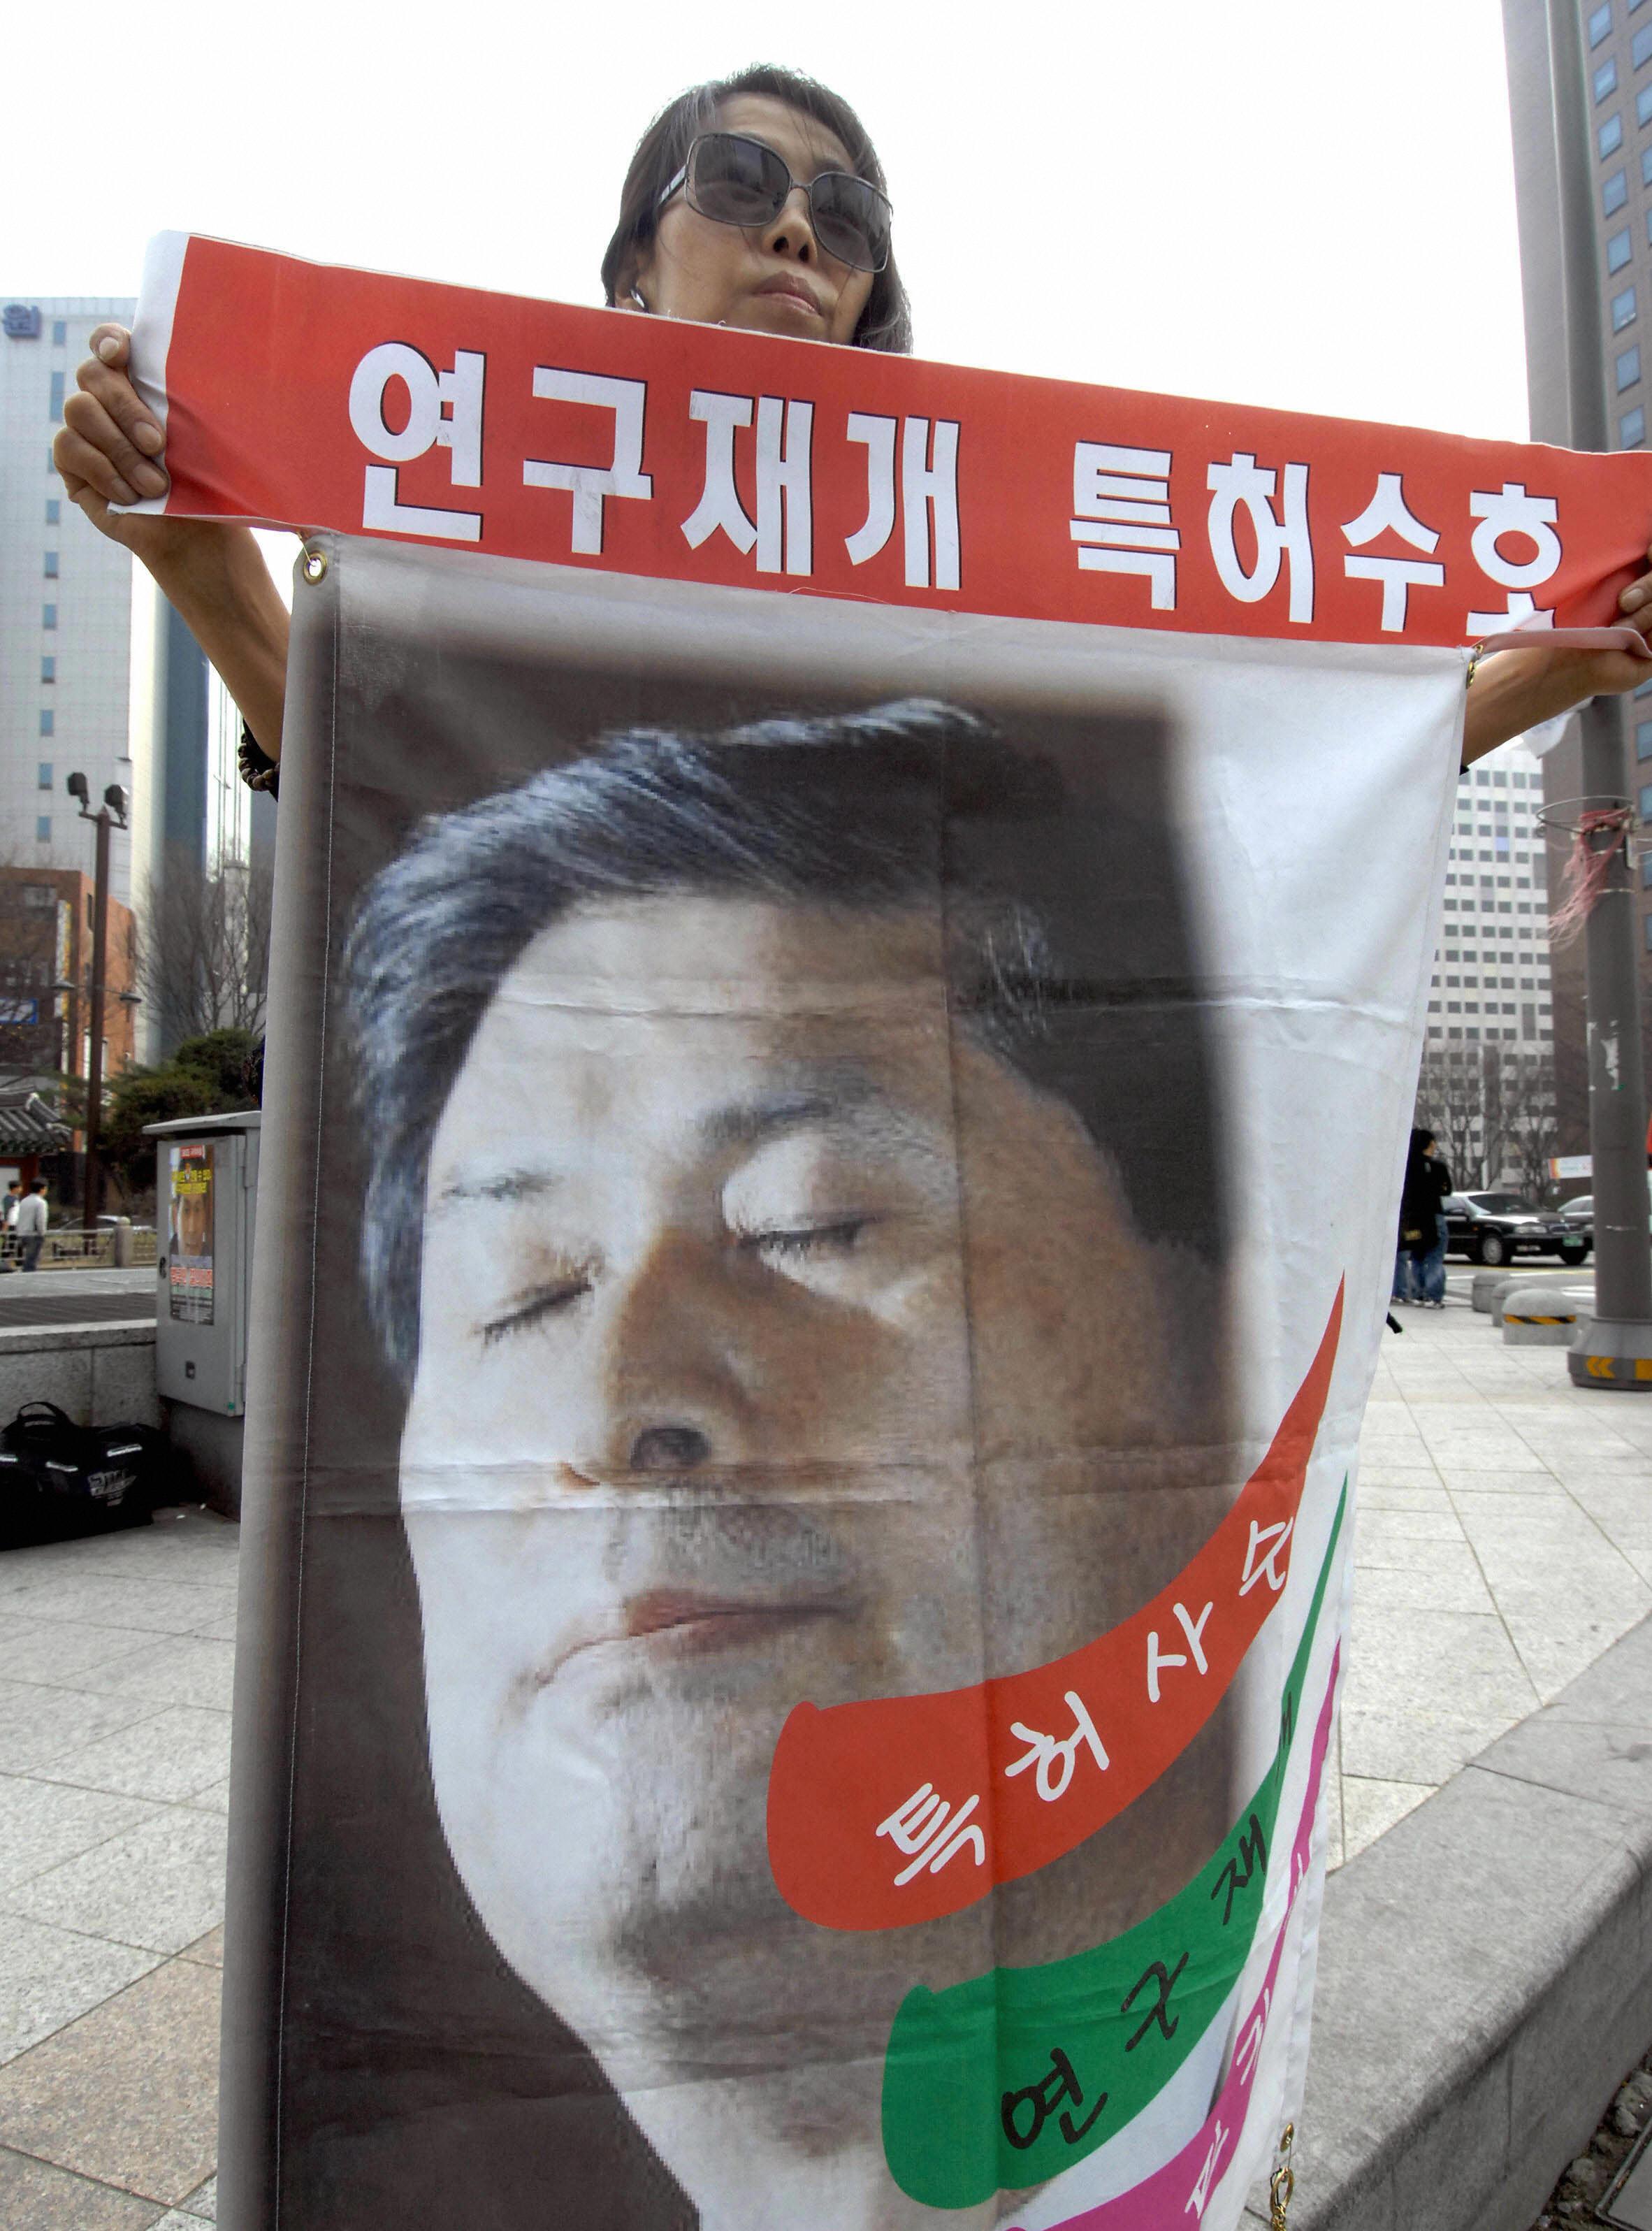 hwang woosuk